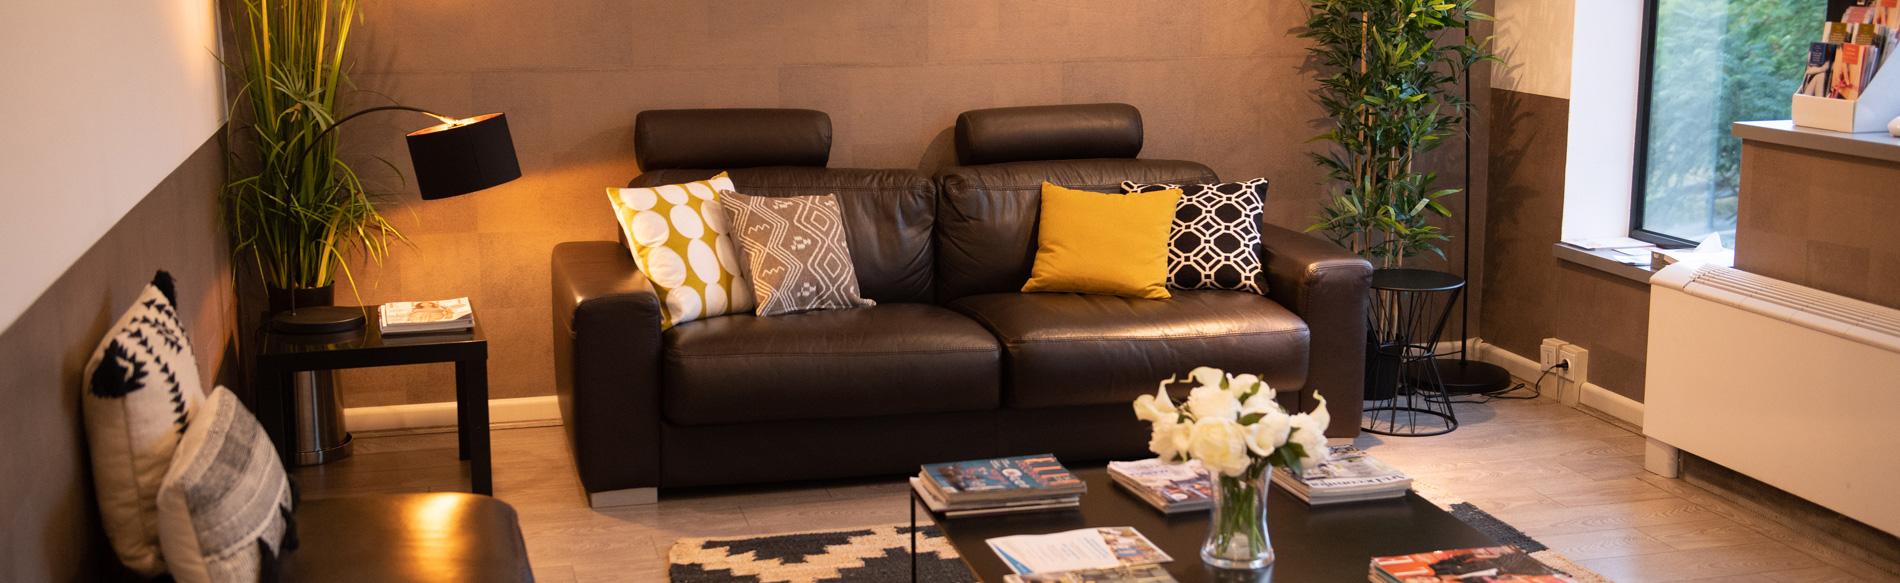 centre laser dermatologique lyon ouest clmo d tatouage epilation d finitive. Black Bedroom Furniture Sets. Home Design Ideas